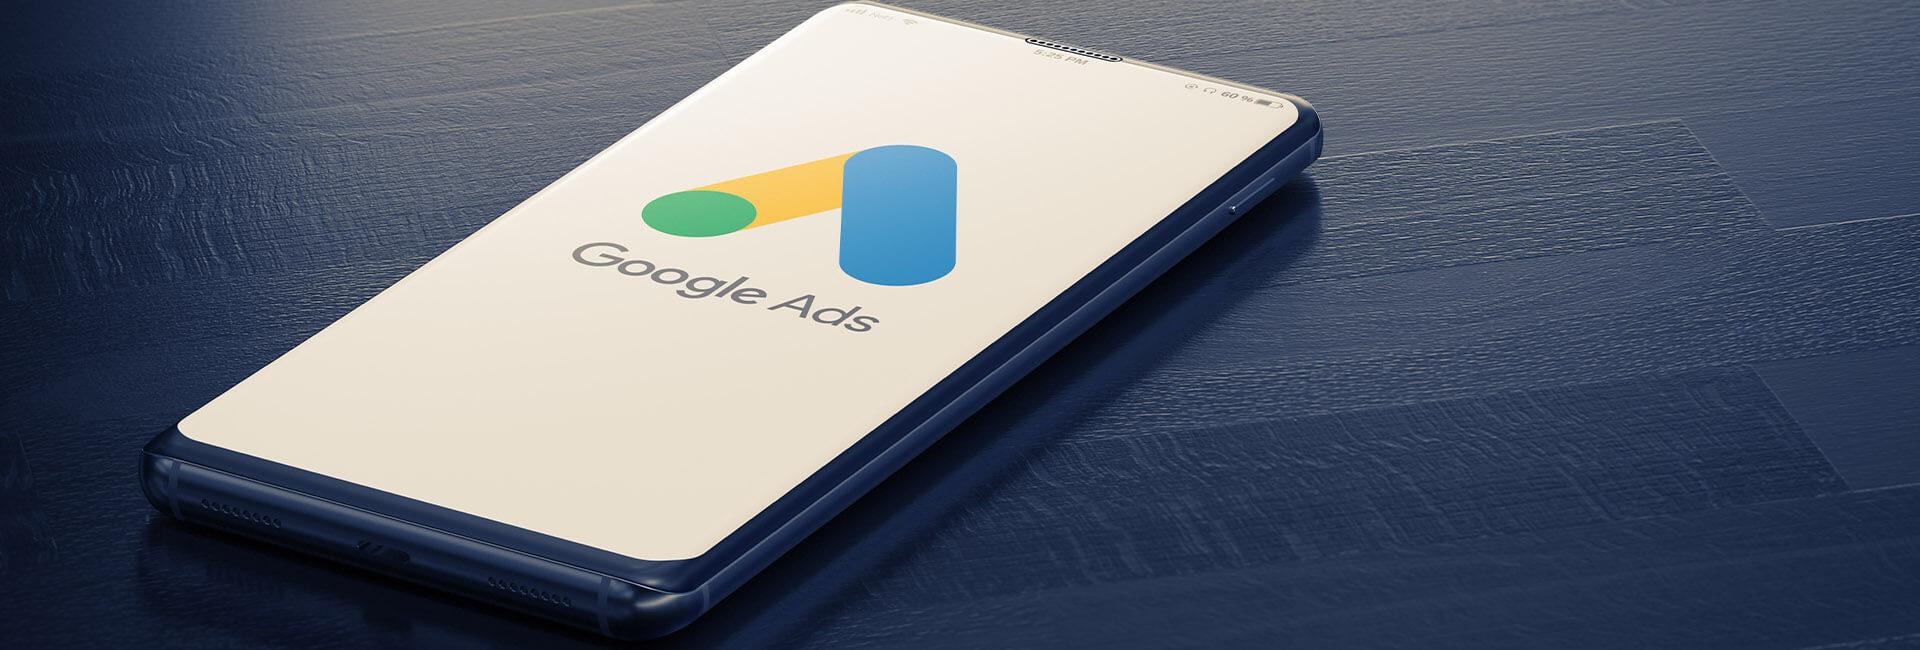 Pourquoi confier la création de ma campagne publicitaire à une agence Google Ads ?